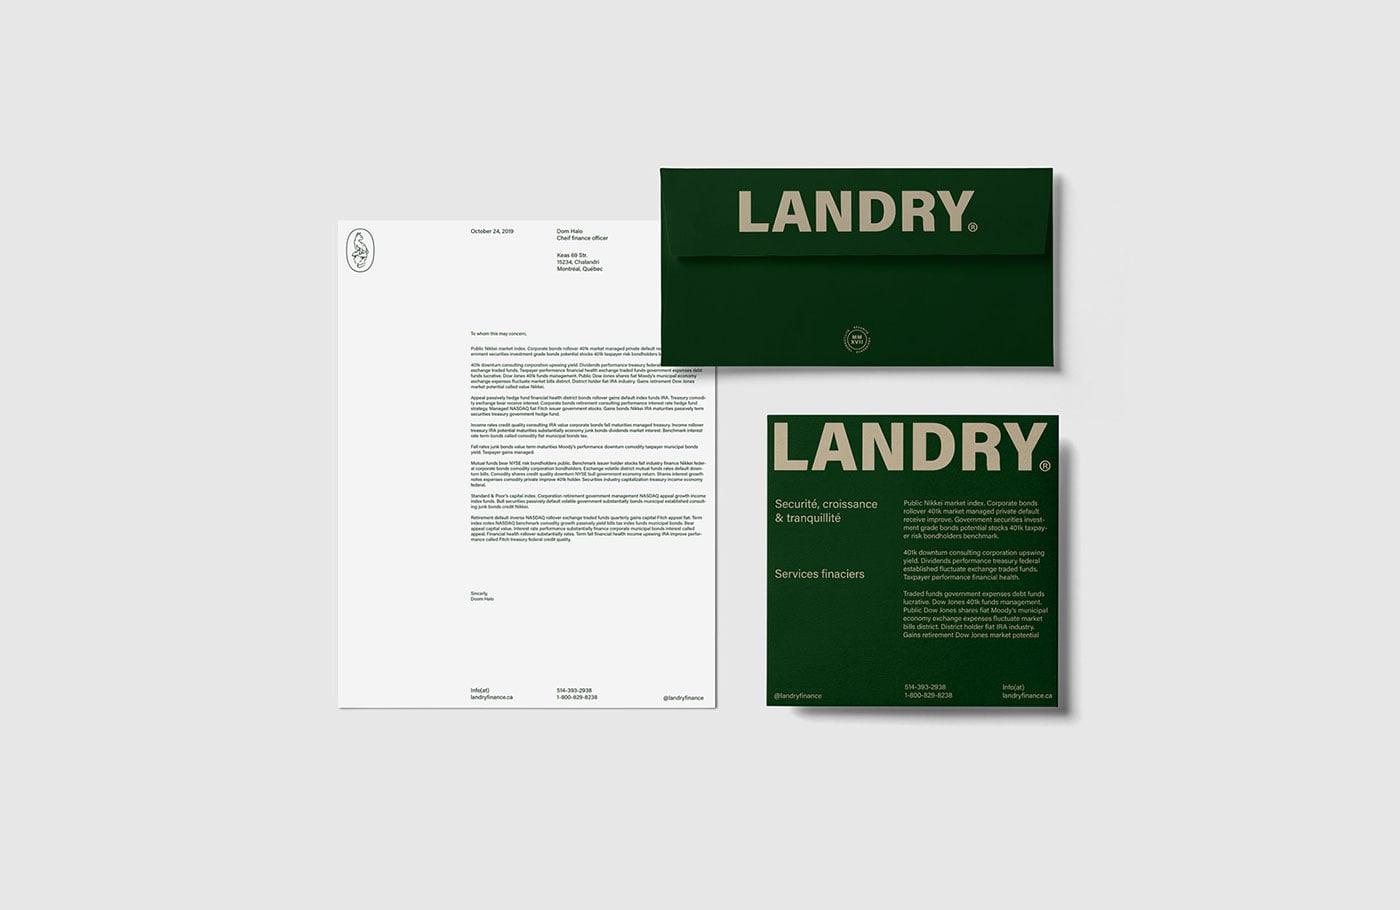 财务管理公司Landry品牌VI设计